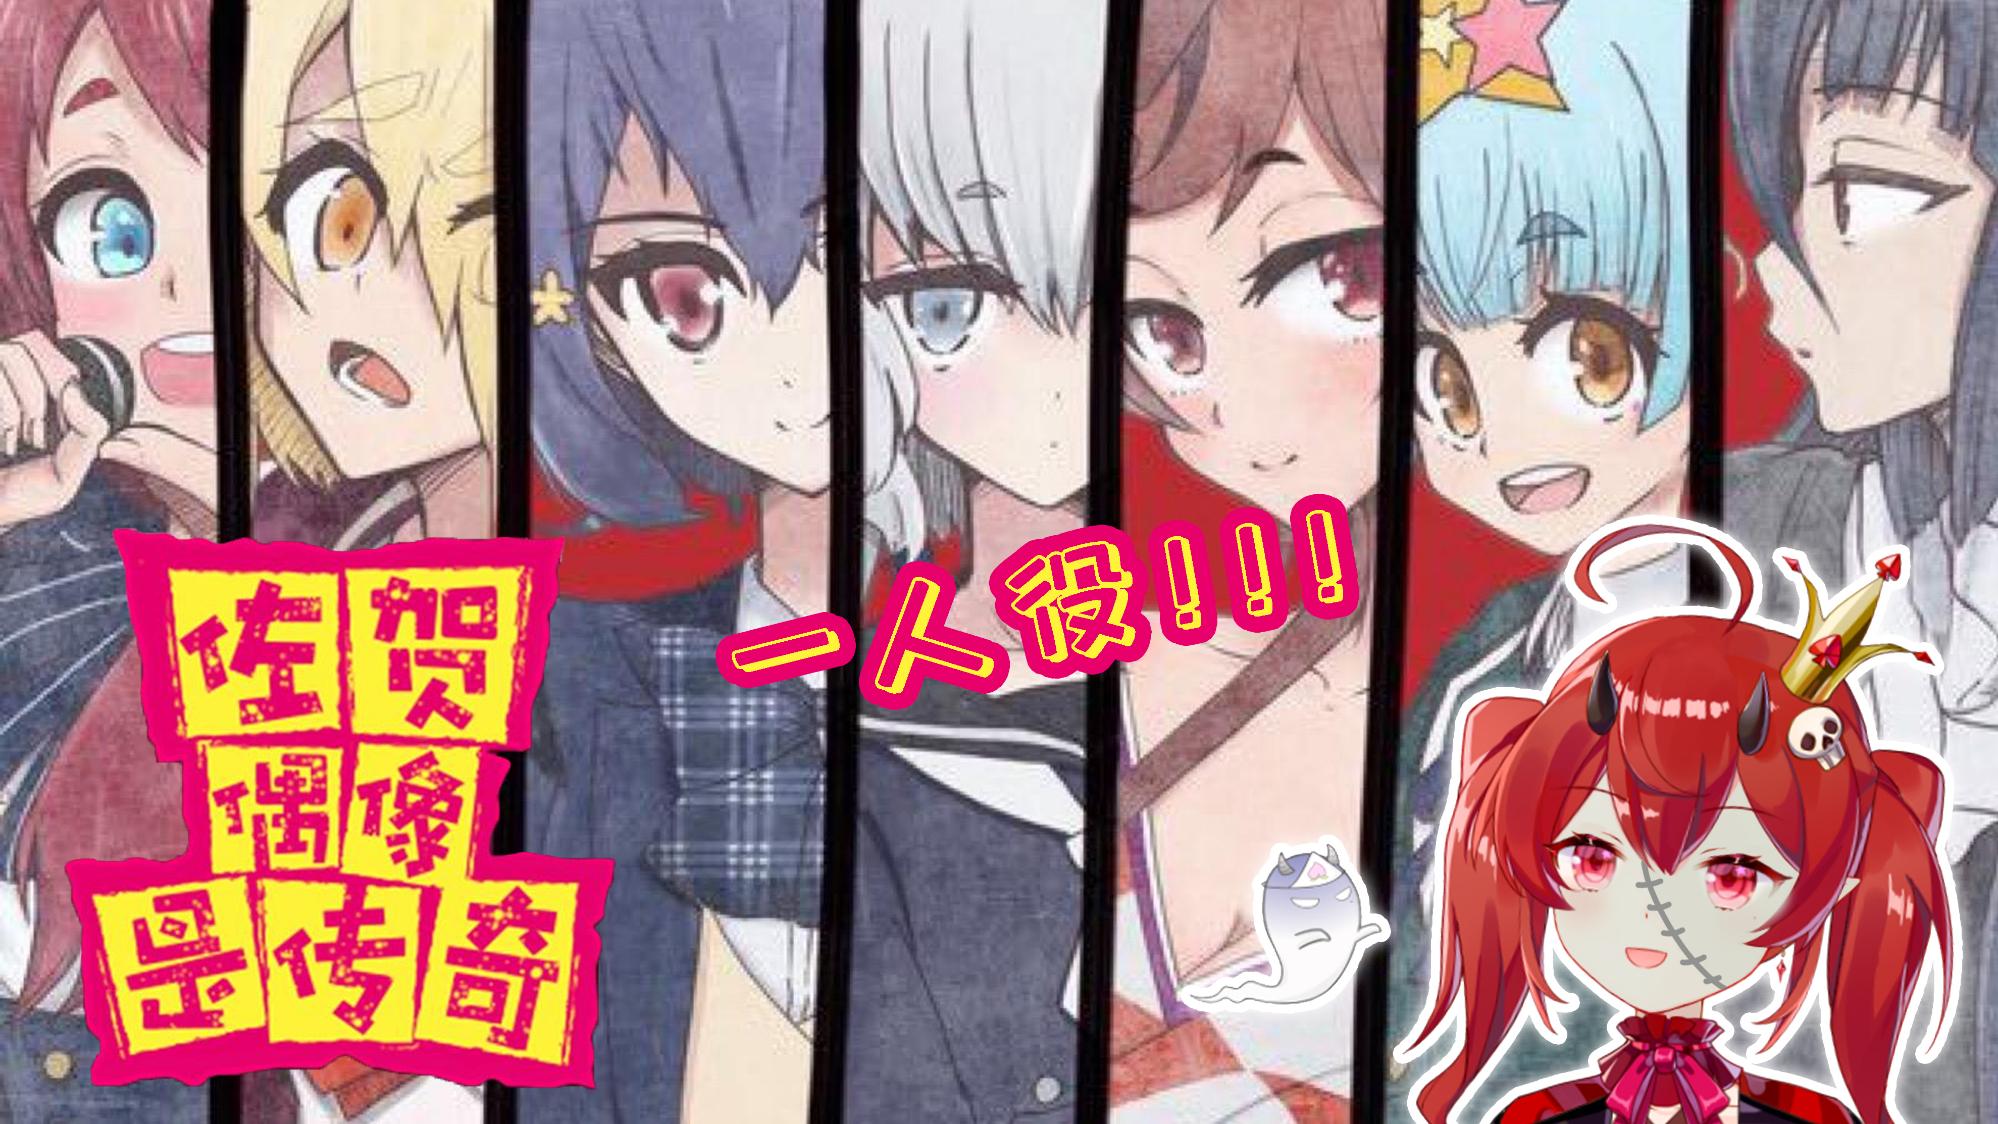 【嗨歌祭10】一人六役·佐贺偶像是传奇OP——就算死了也要实现梦想!